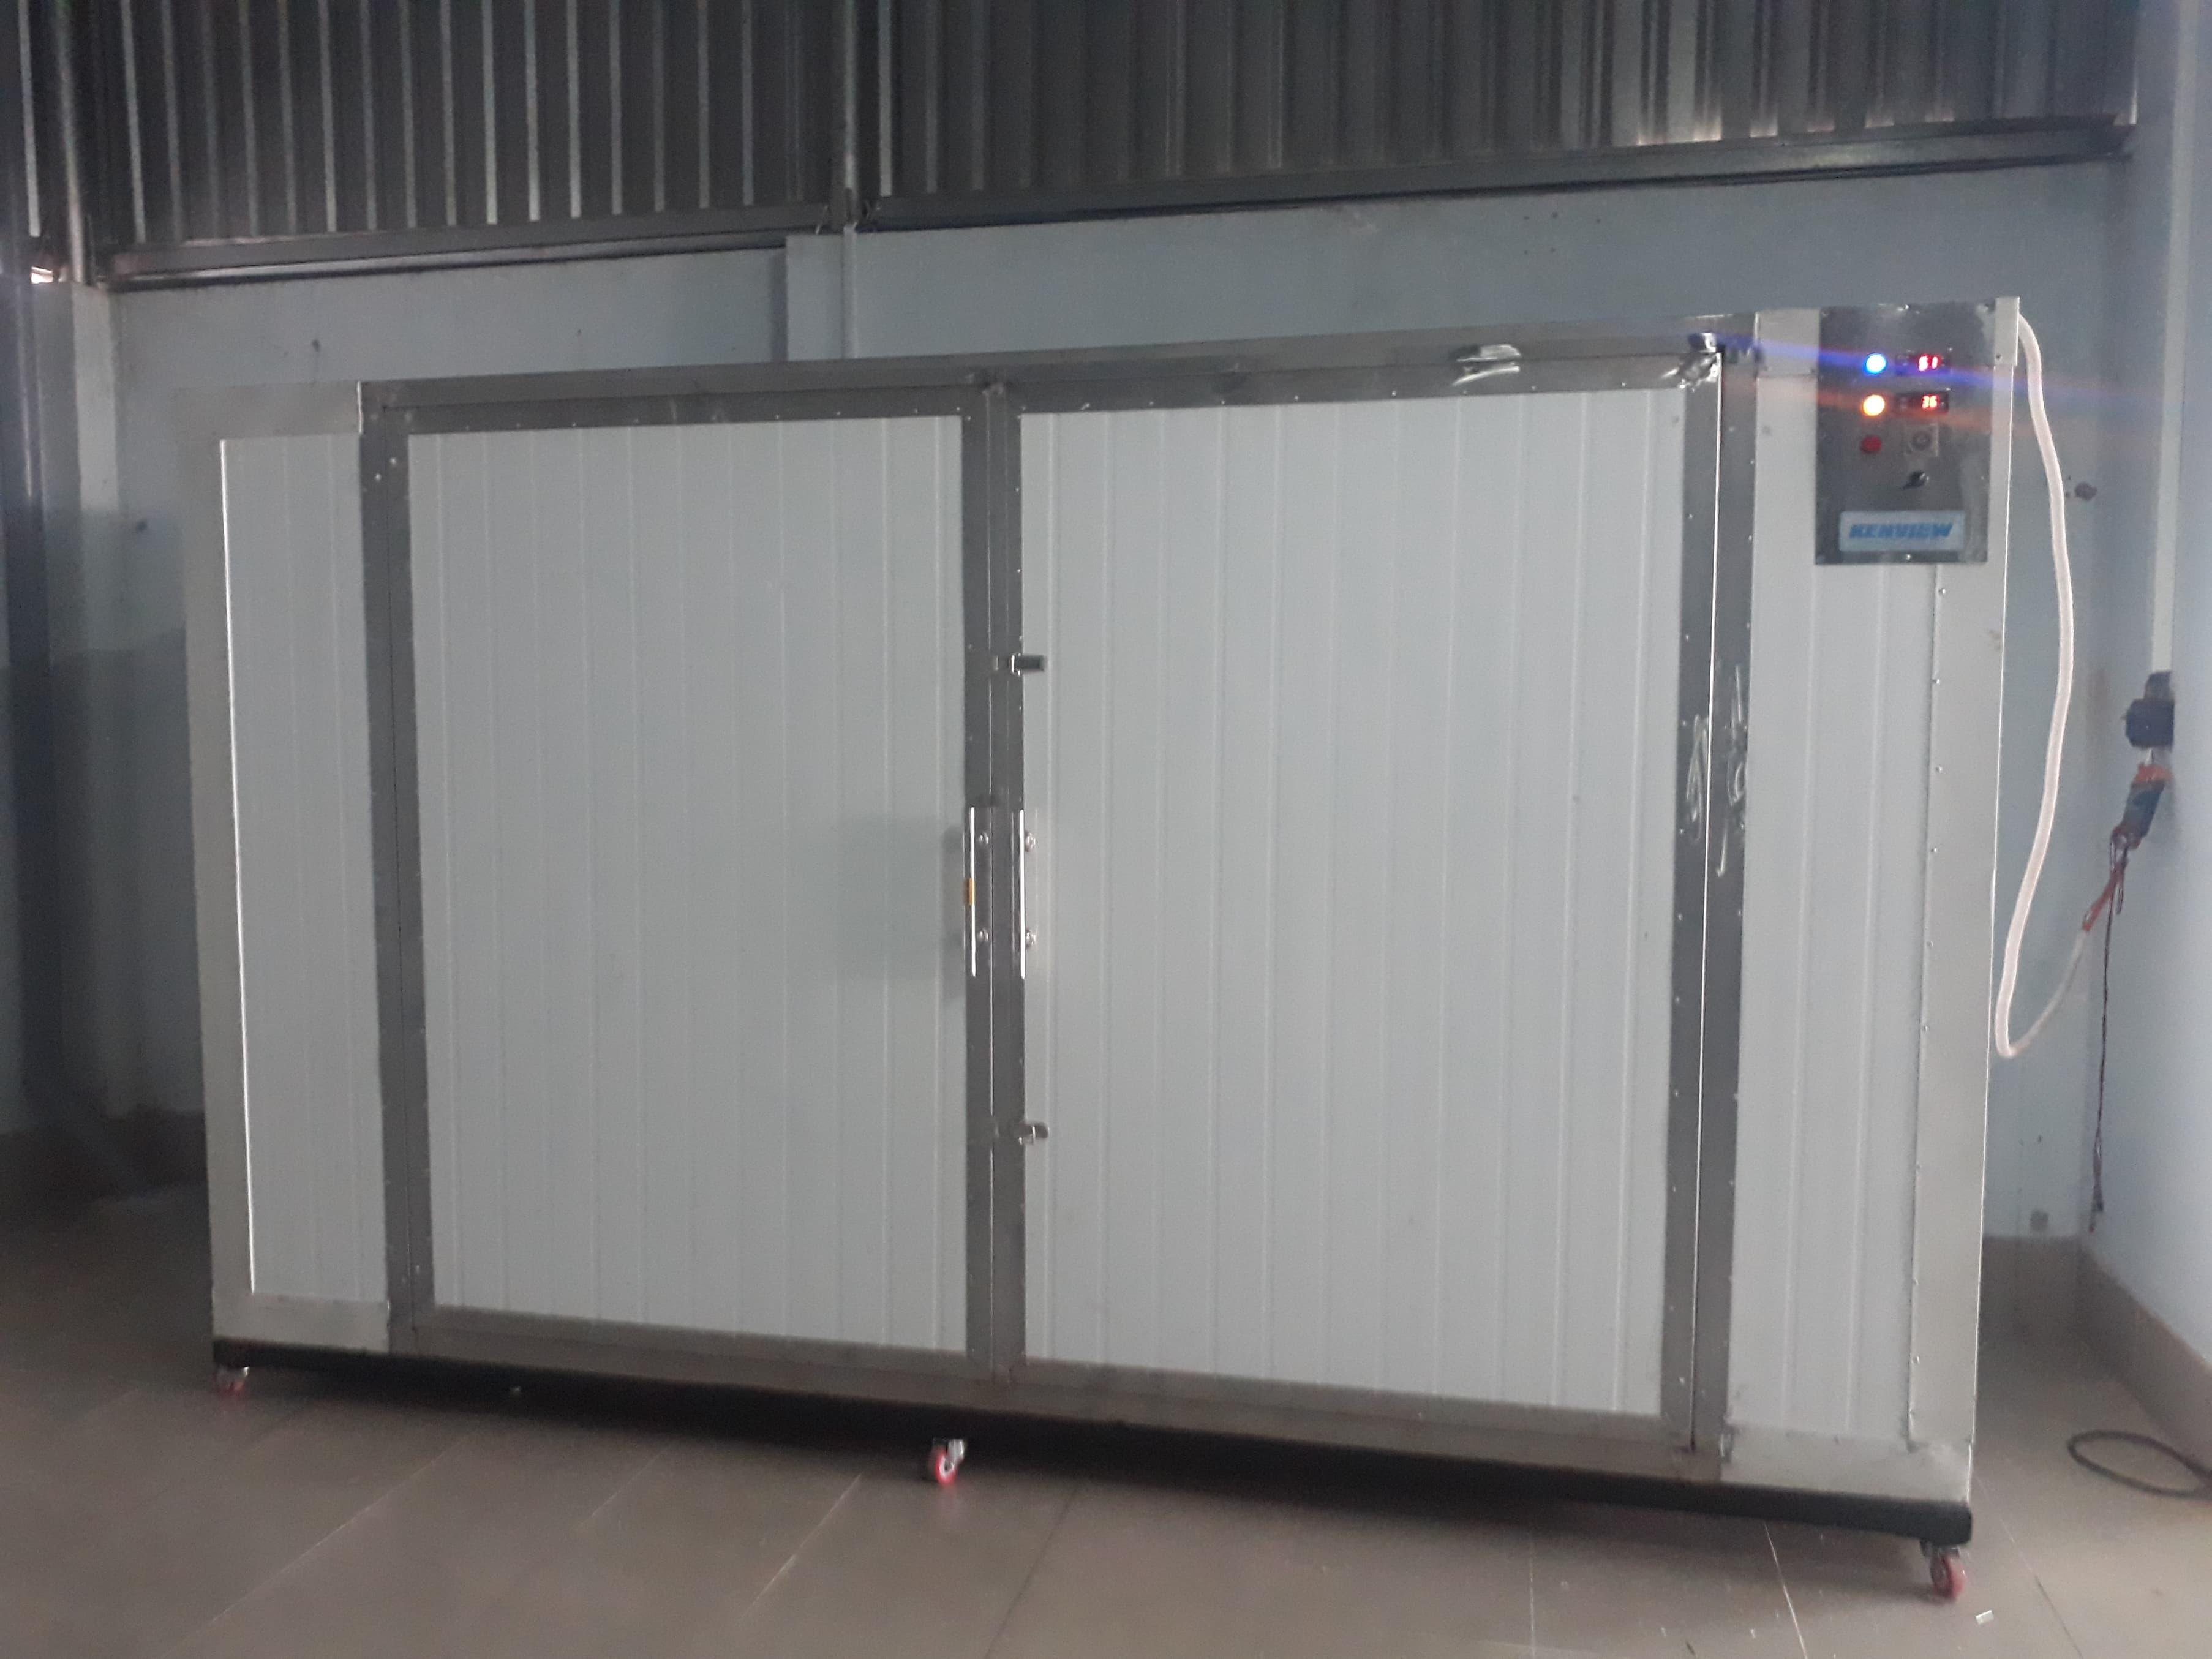 Cung cấp máy sấy nông sản ở Bình Thạnh – Máy sấy nông sản kenview